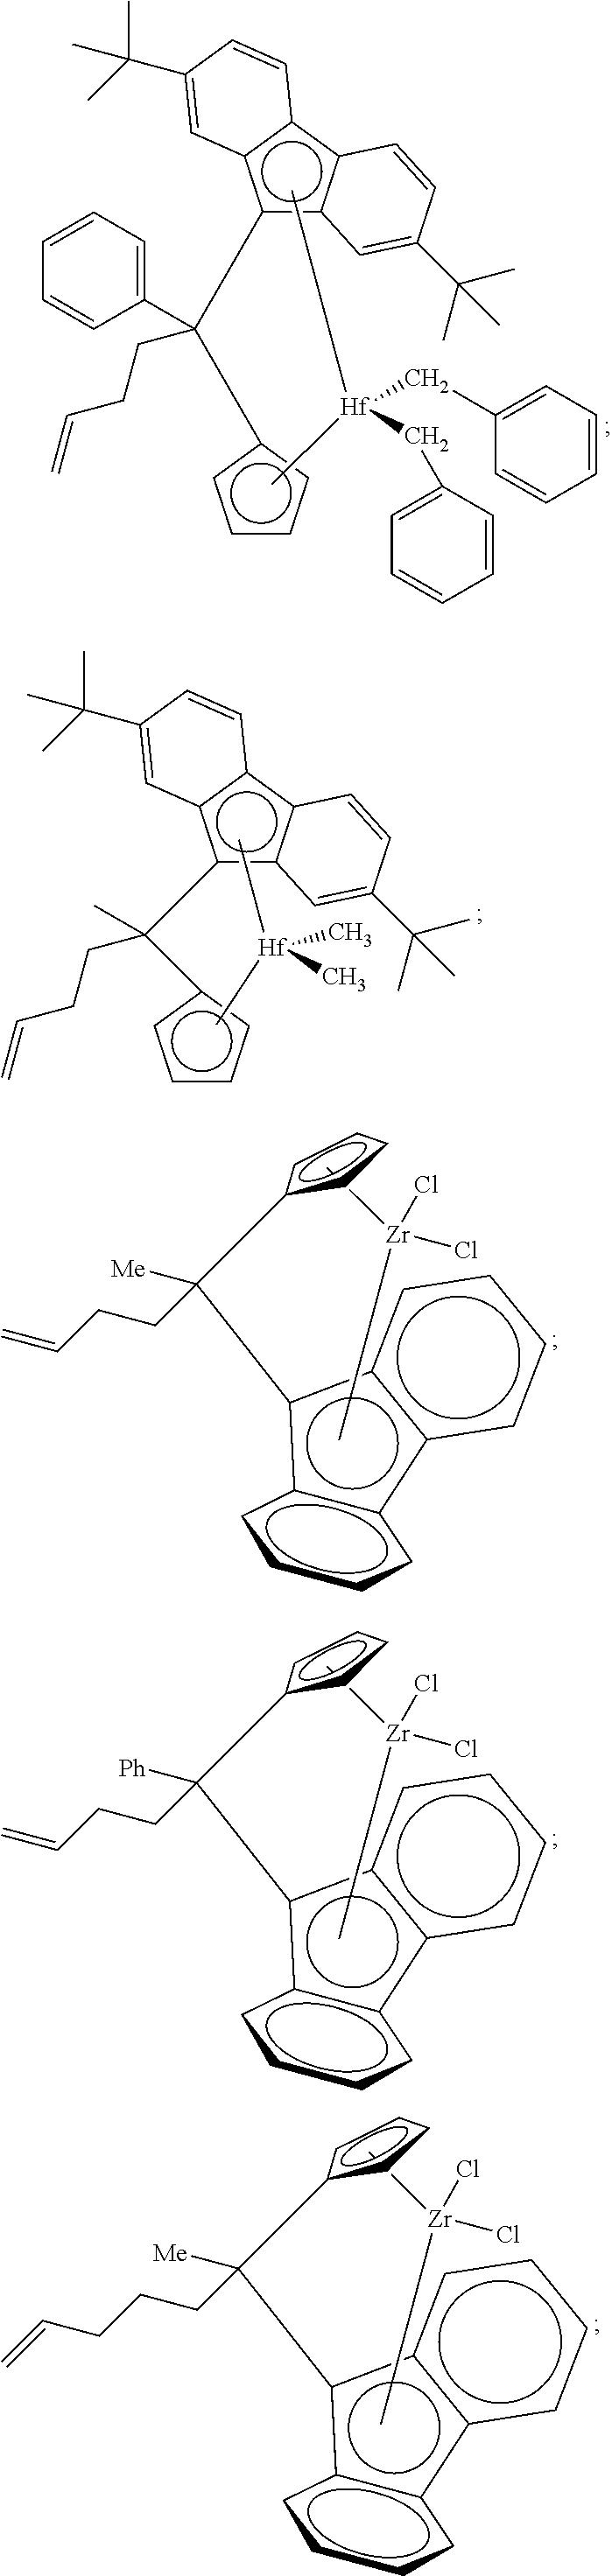 Figure US07884163-20110208-C00008